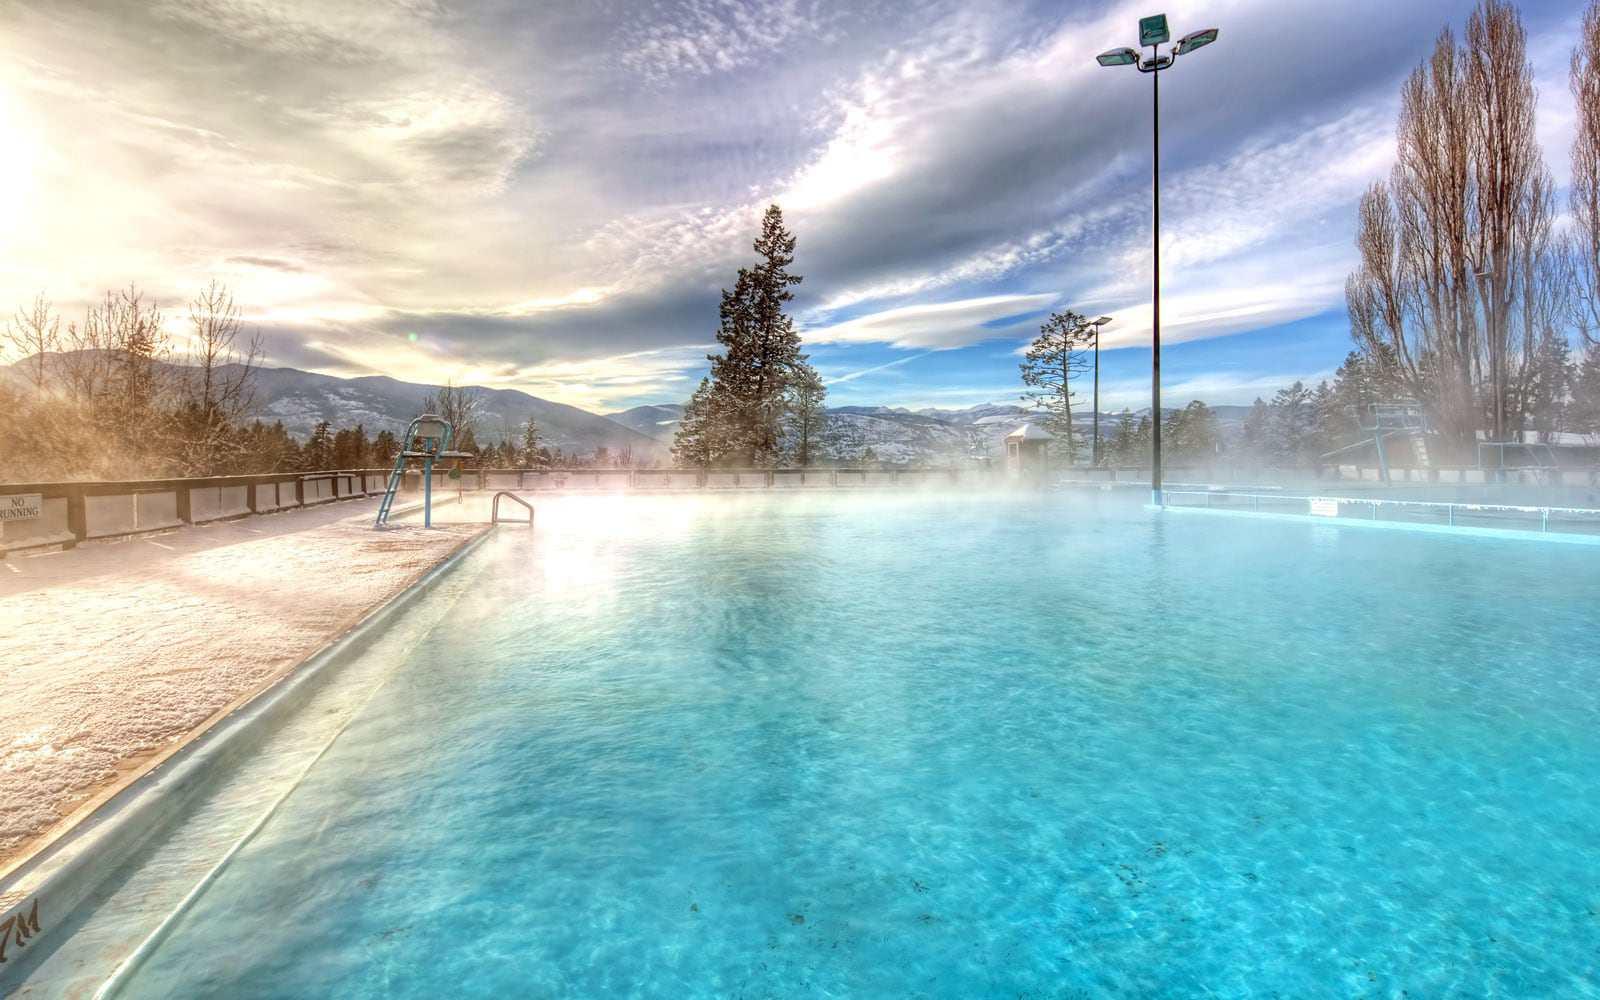 Fairmont Hot Springs Resort pool